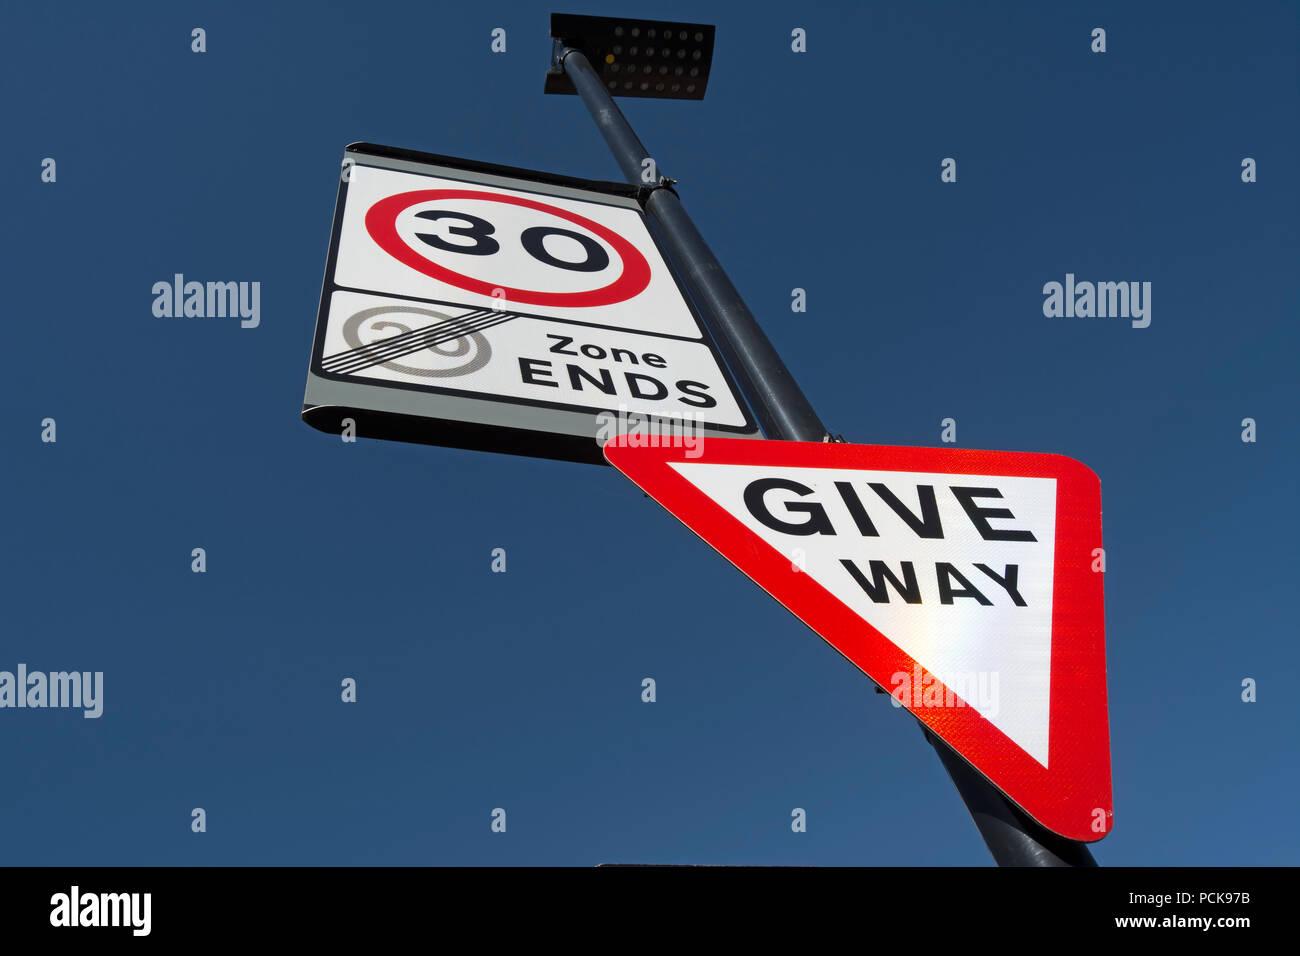 British señales indicando ceder y el inicio de un límite de velocidad de 30 mph y el final de una zona de límite de velocidad de 20mph Foto de stock